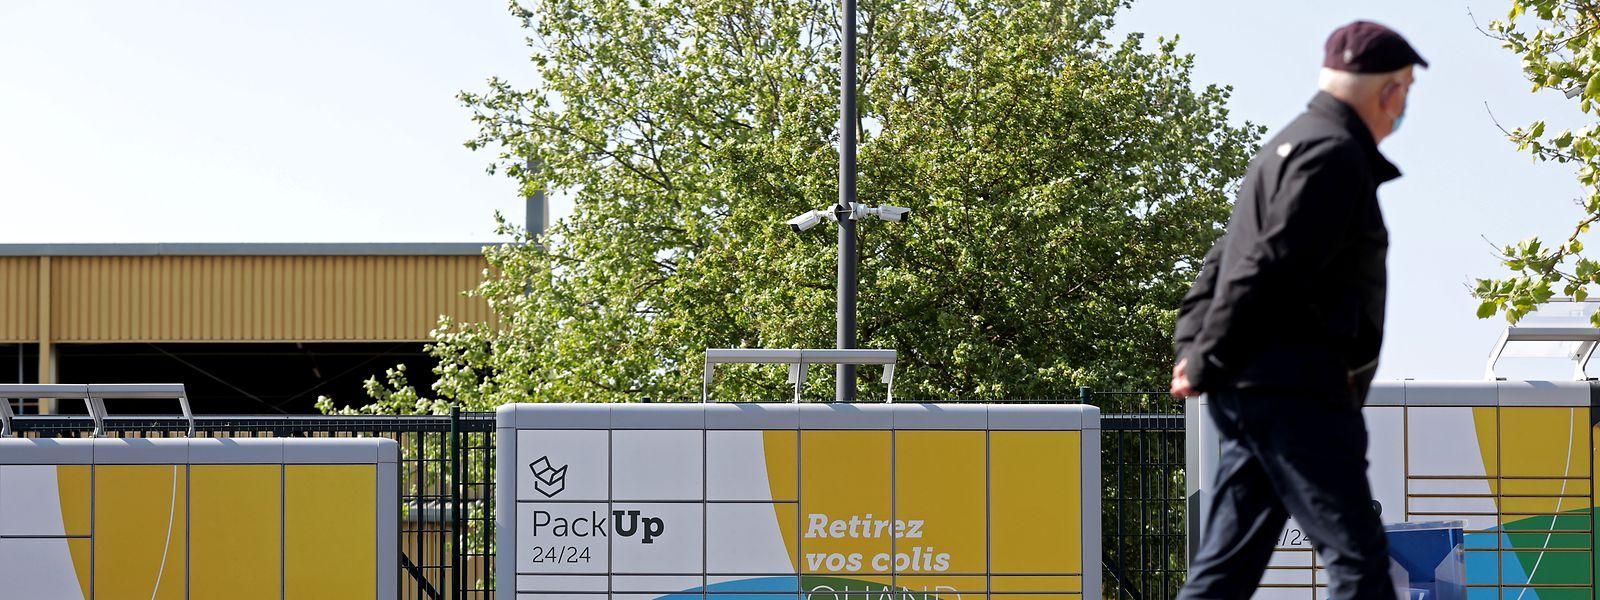 Ende 2019 hat die Post ihre 100. PackUp 24/24-Station eingeweiht.